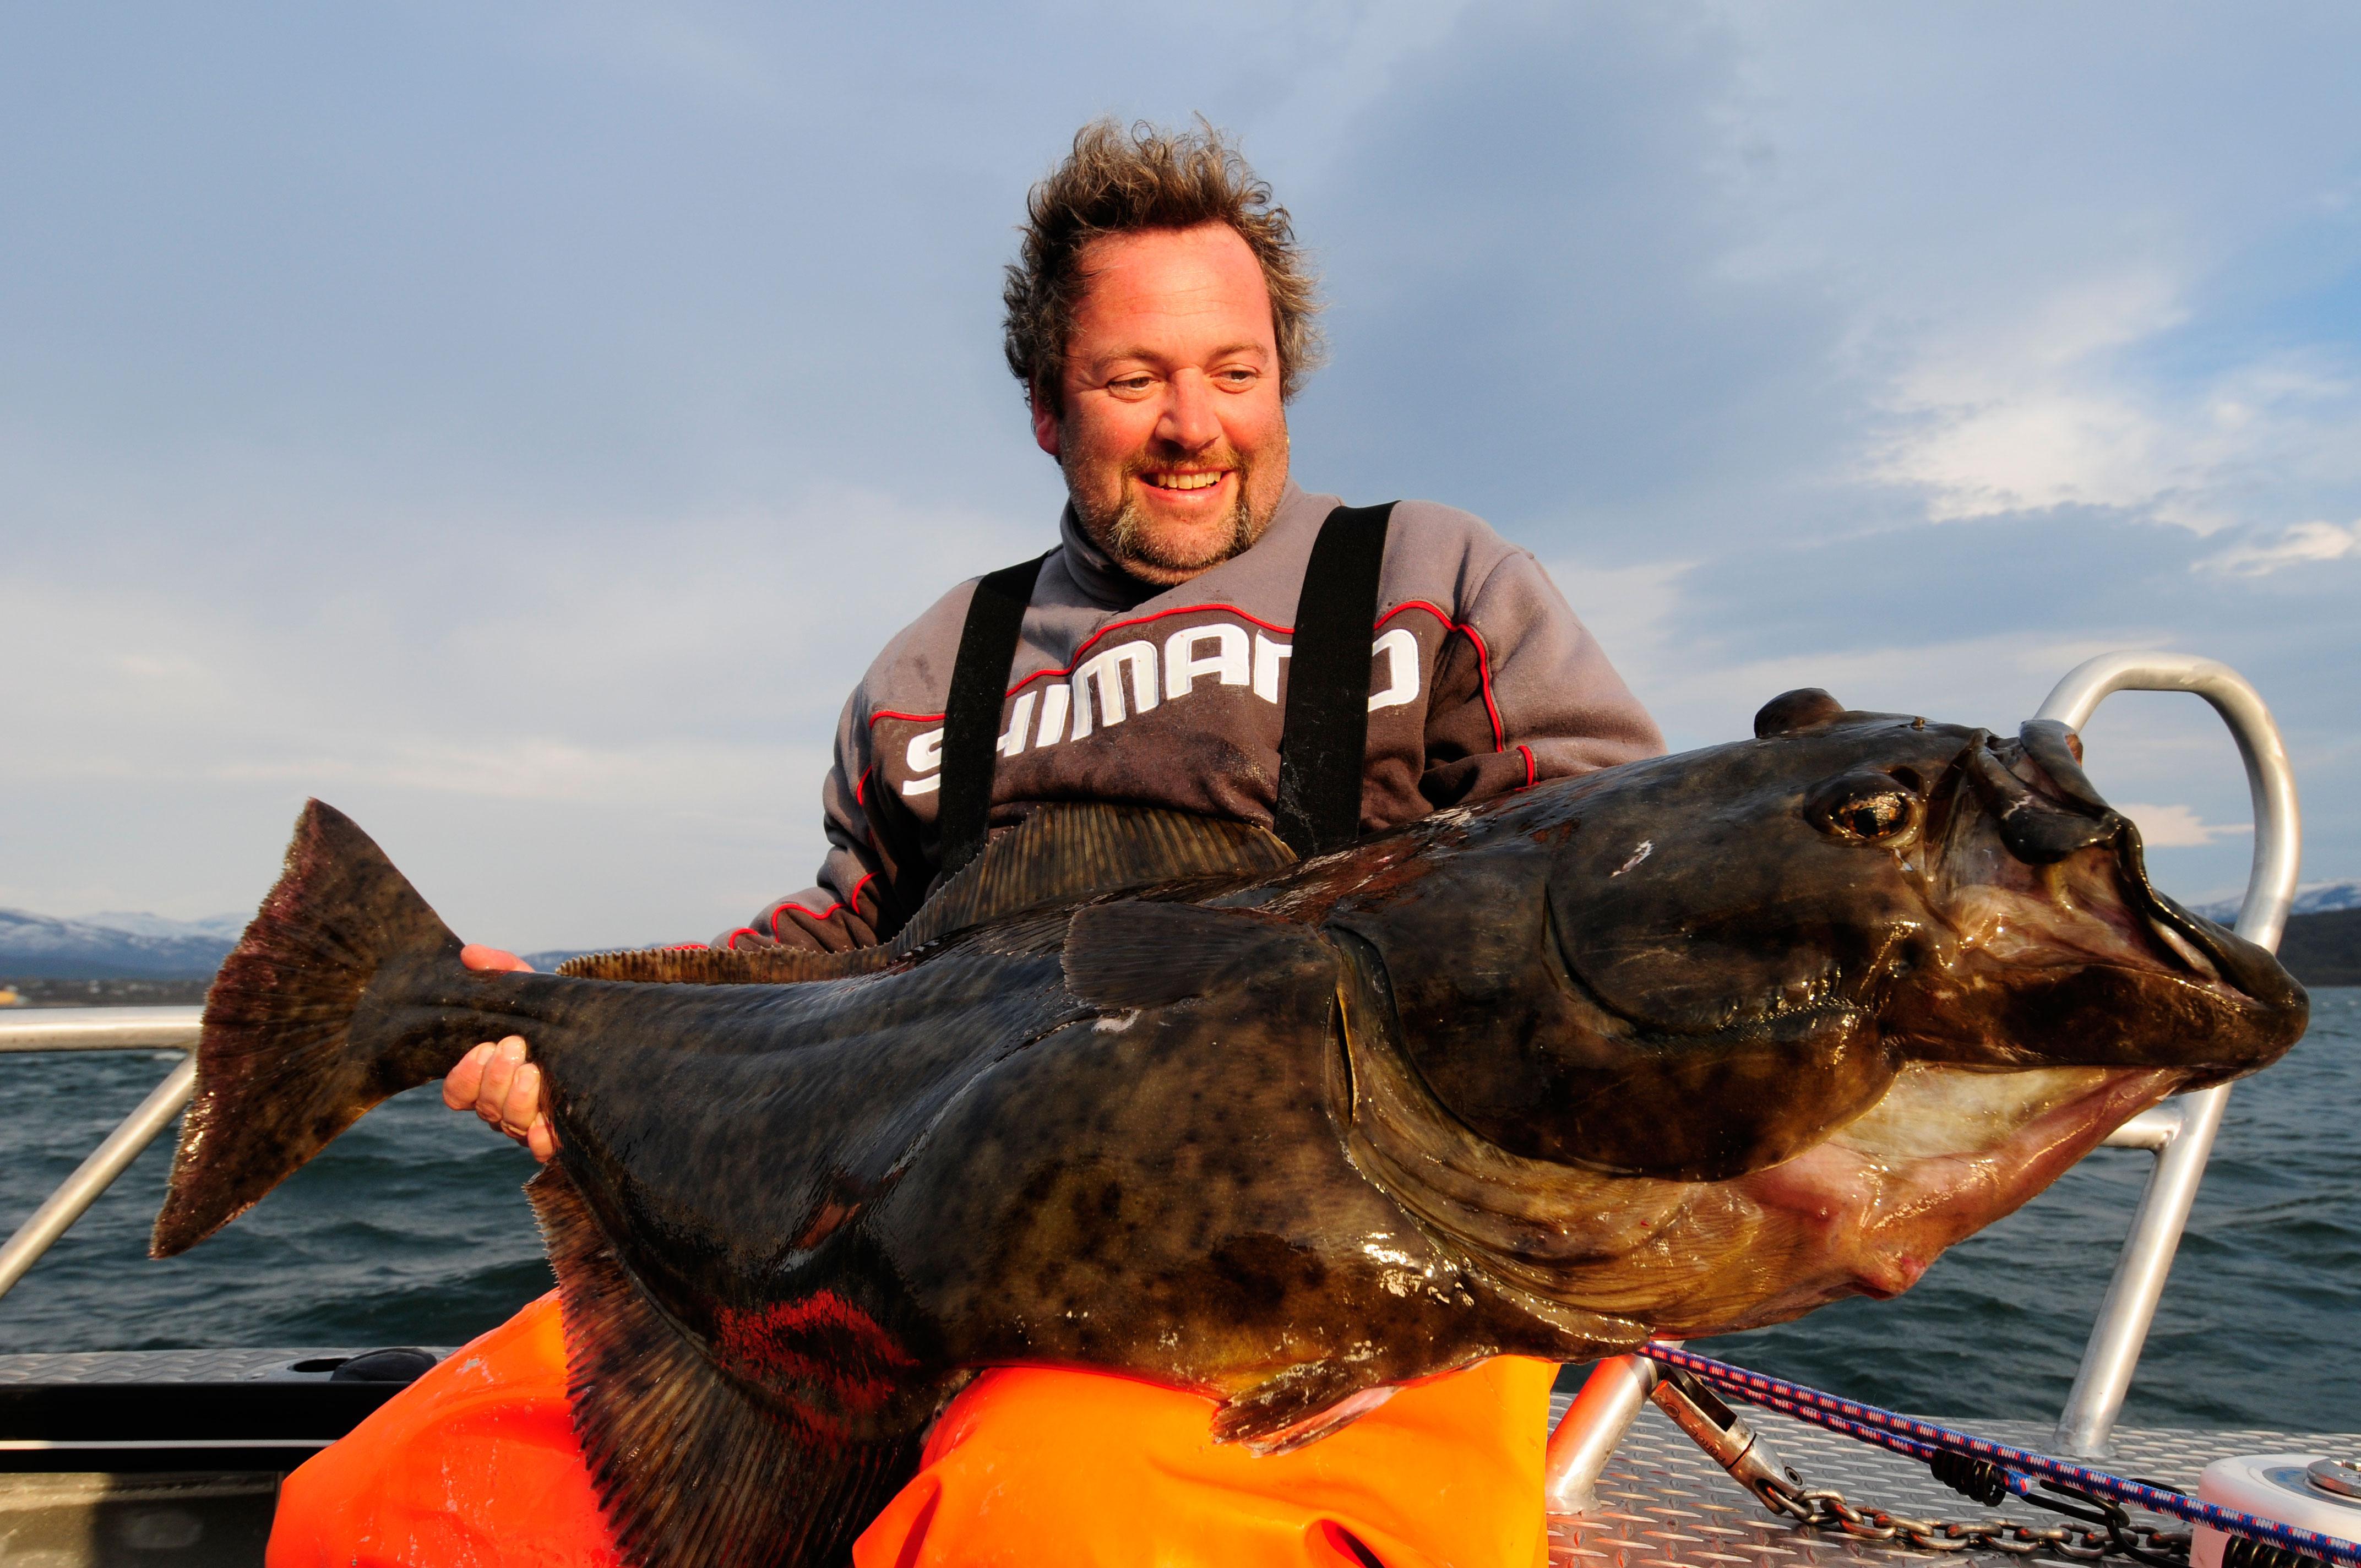 Der Heilbutt ist einer der Haupt-Zielfische beim Meeresangeln in Norwegen.